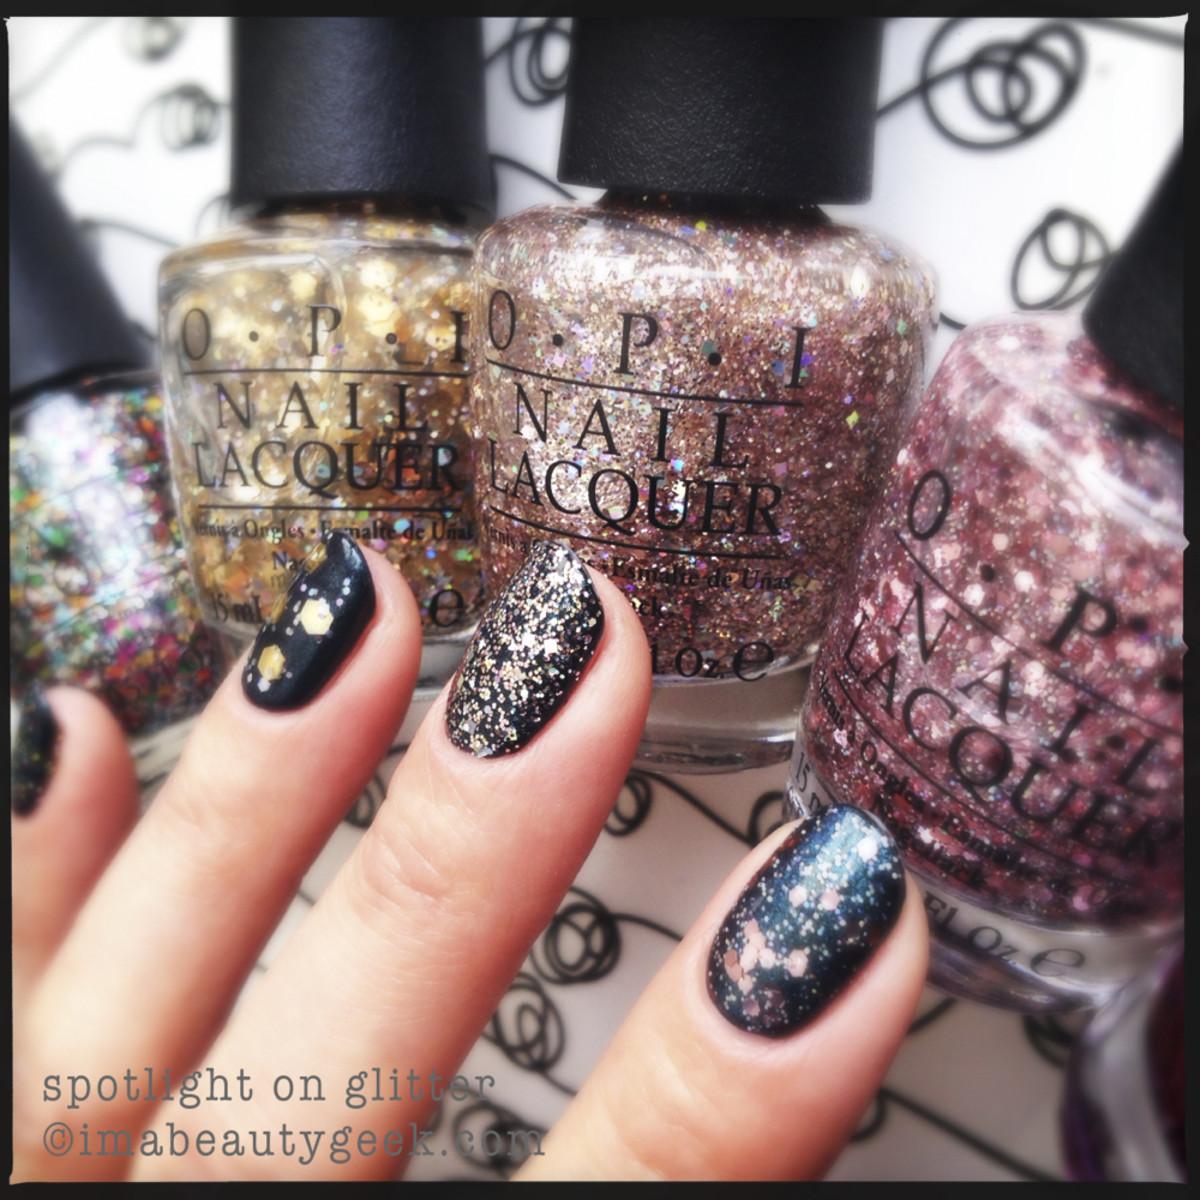 OPI Spotlight on Glitter_2_ OPI Glitter